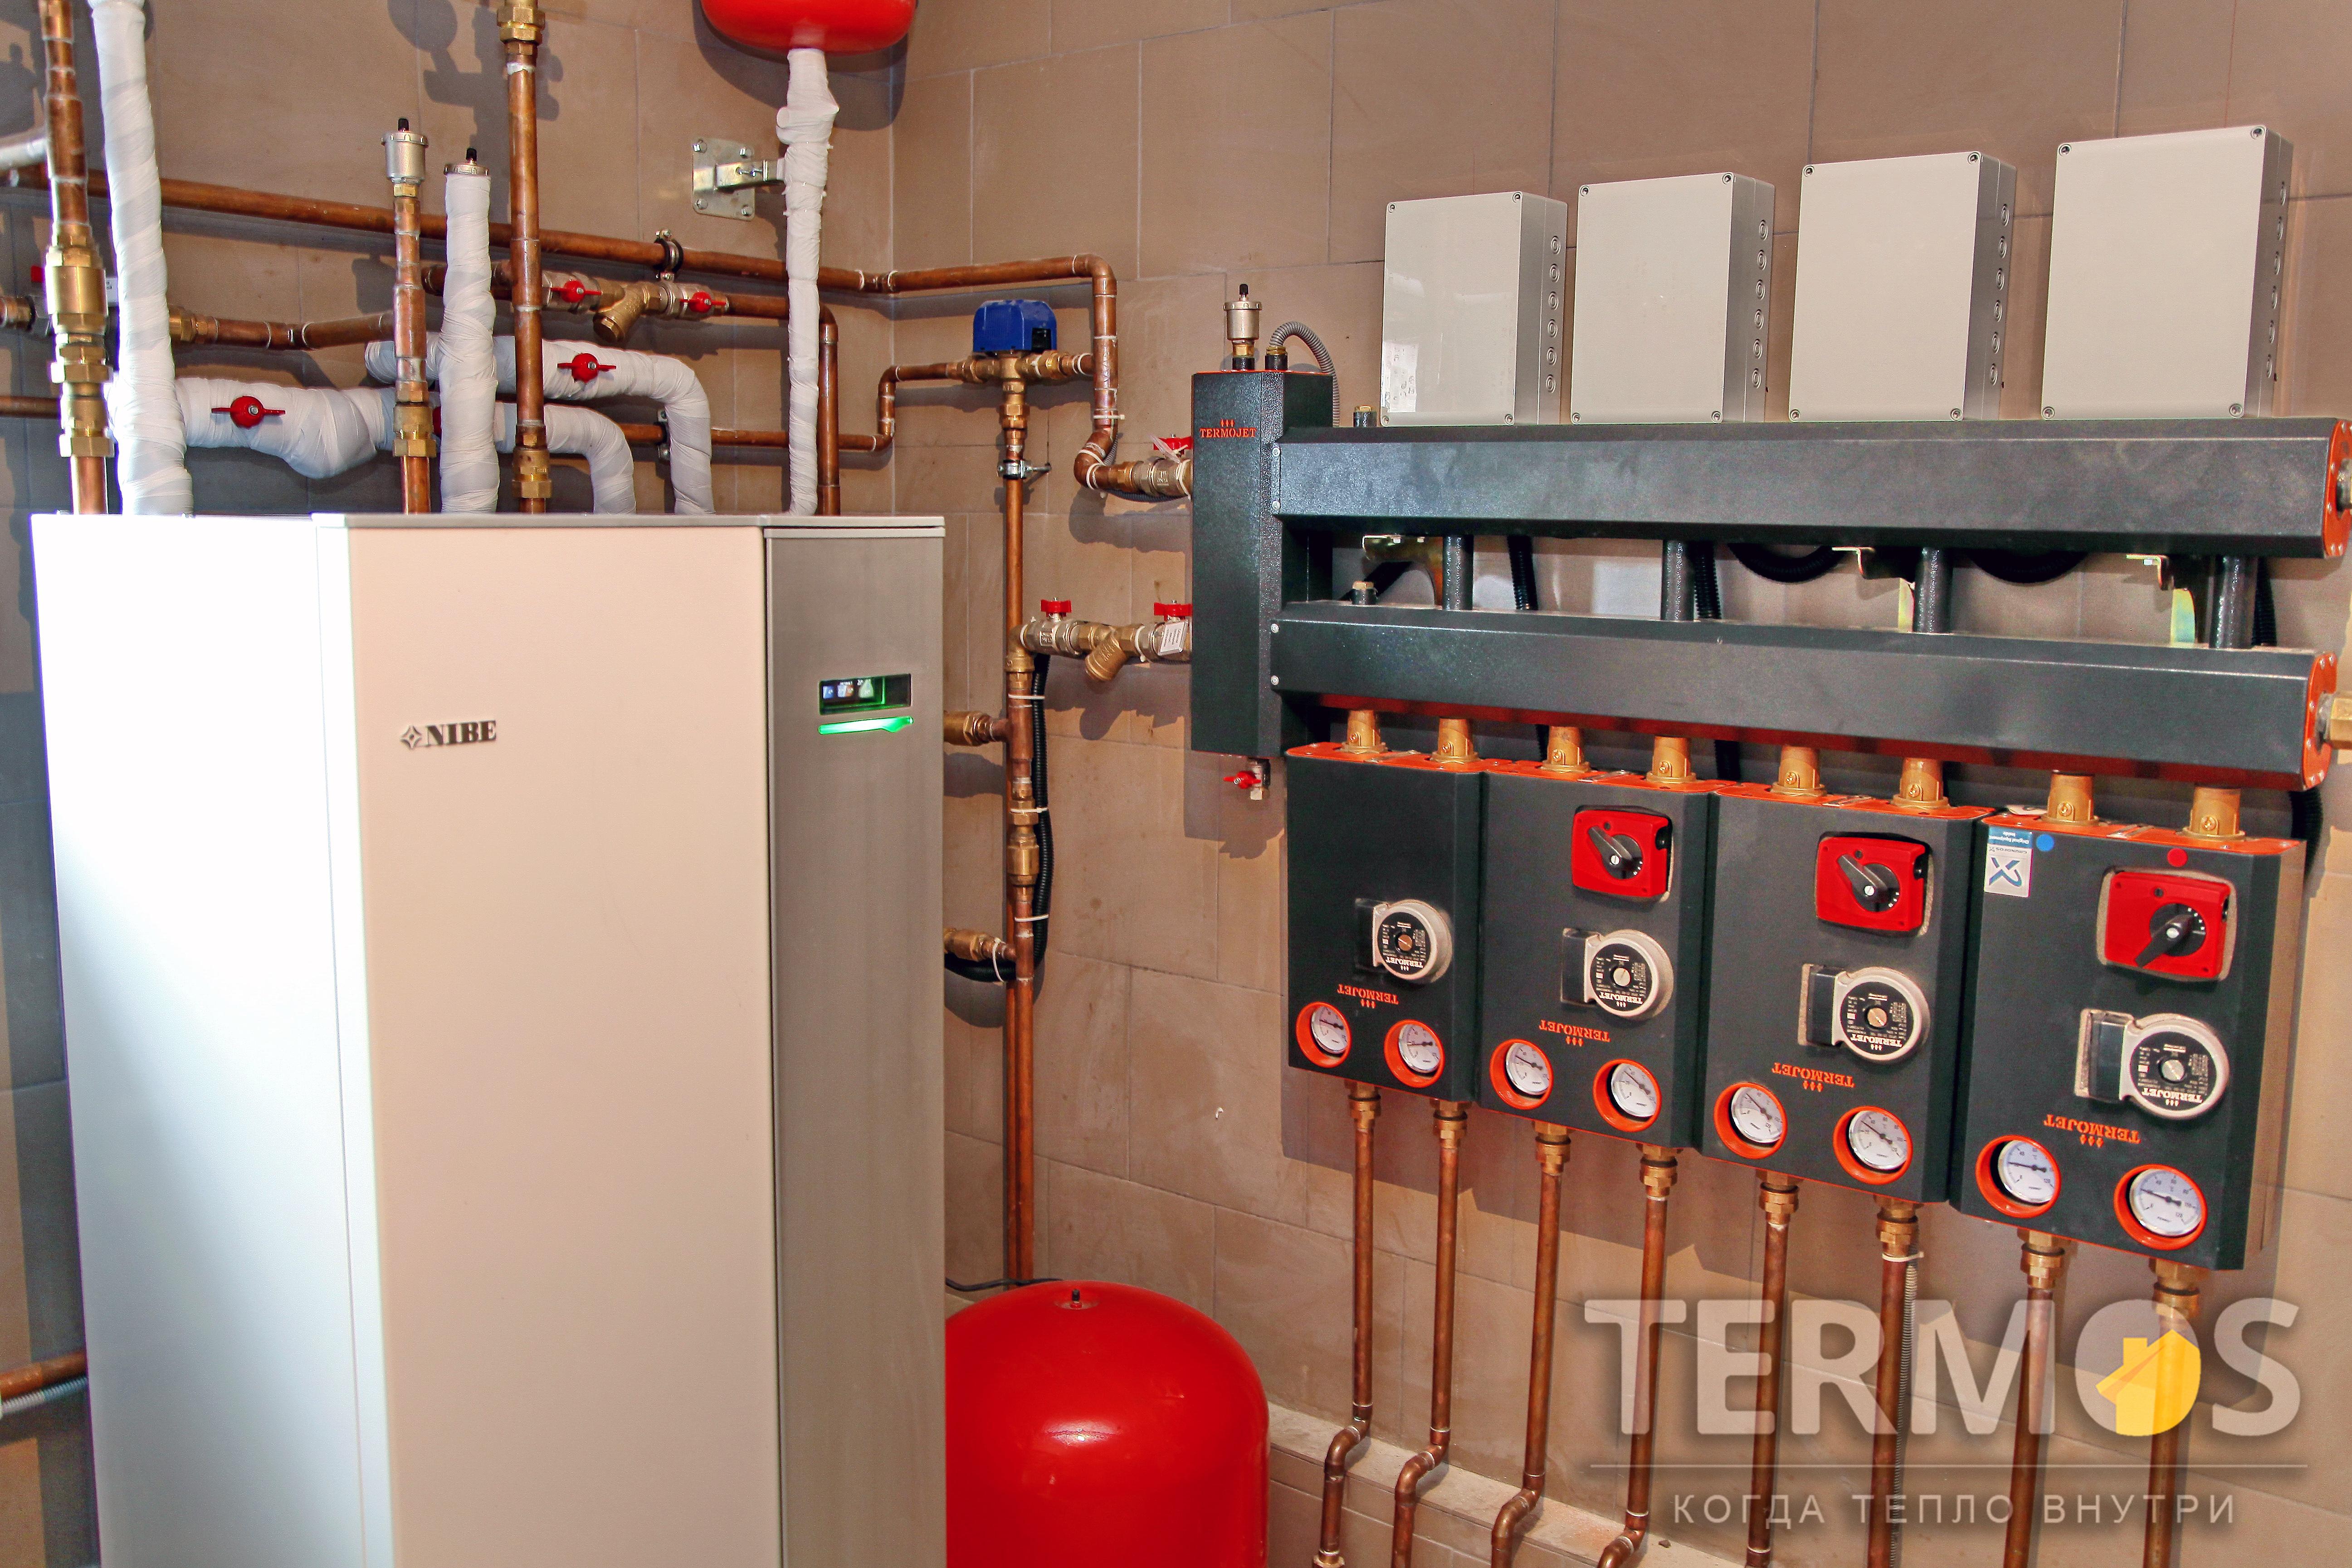 Функции отопления основного дома (радиаторы, теплый пол), отопления бани, нагрева бассейна, горячего водоснабжения, с управлением через интернет